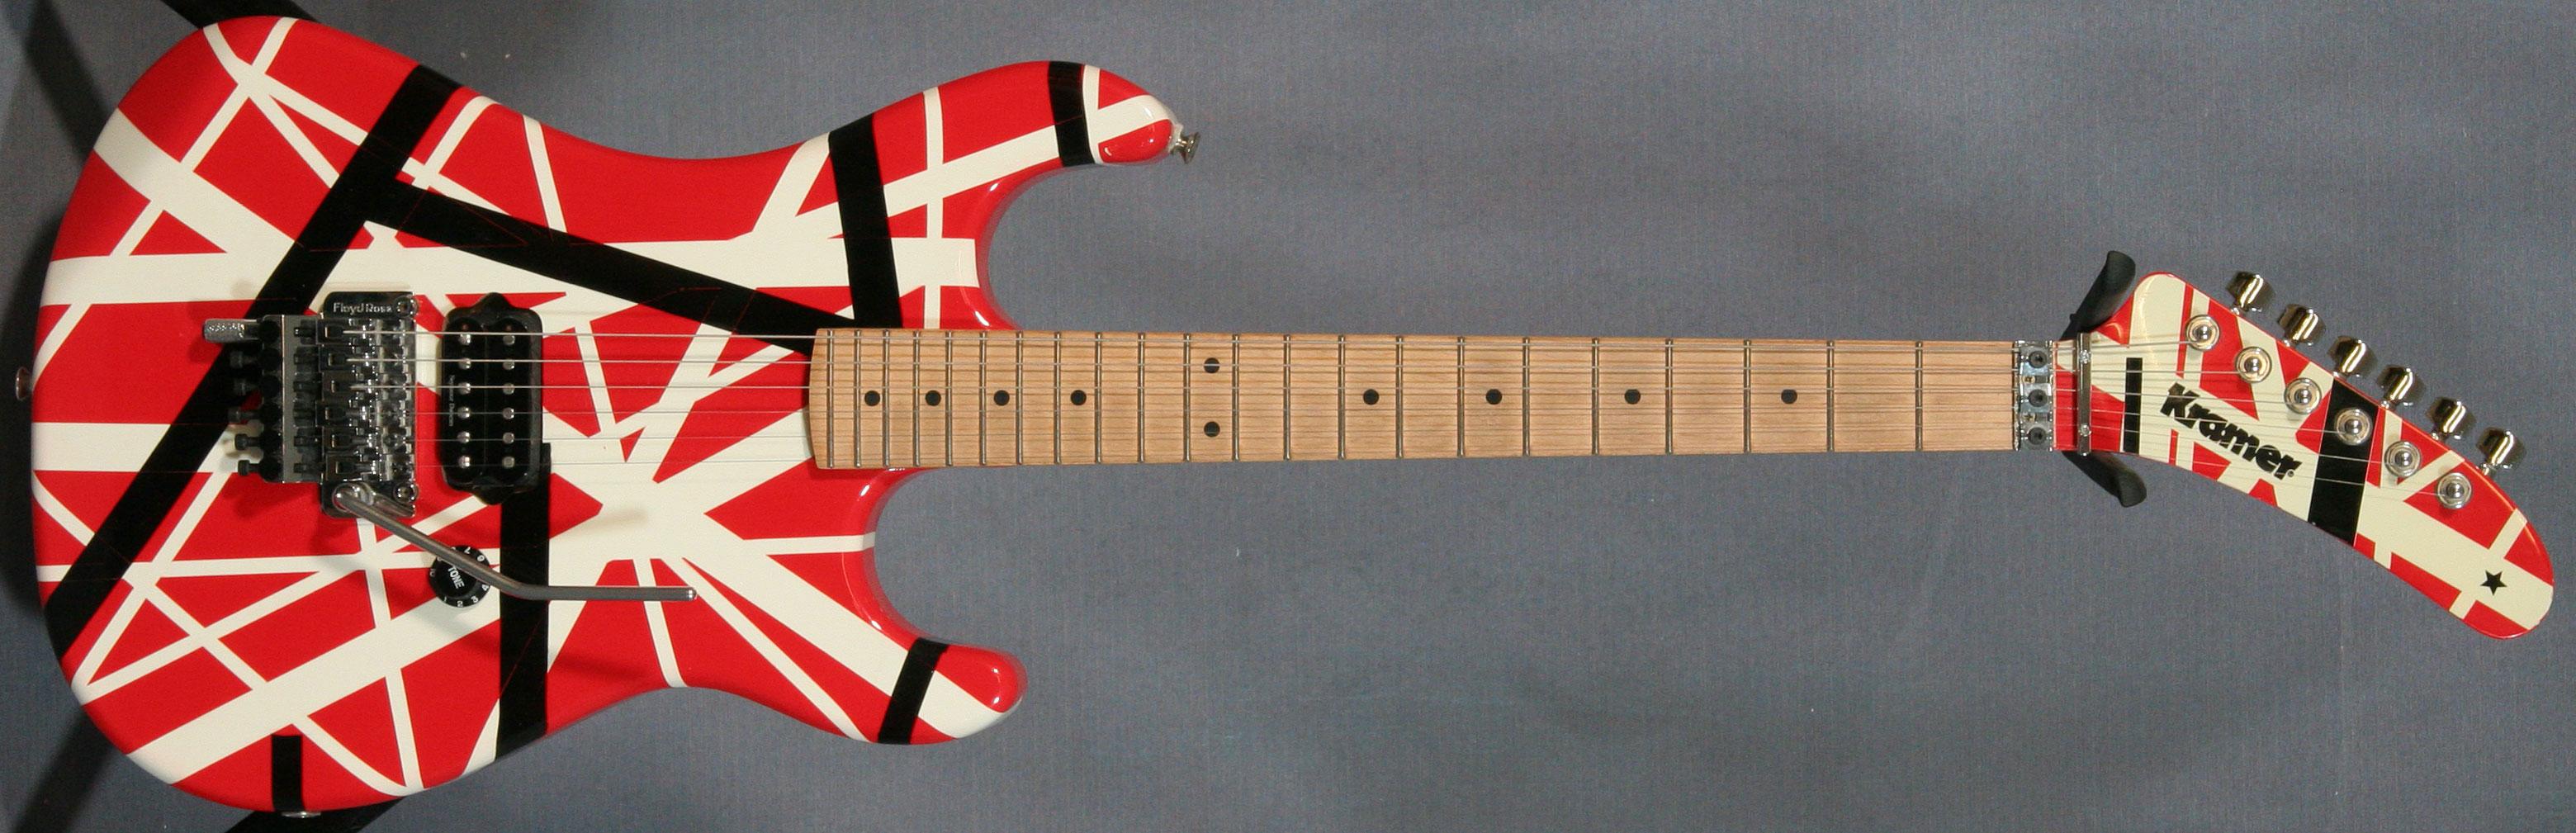 гитара Kramer 5150 Baretta